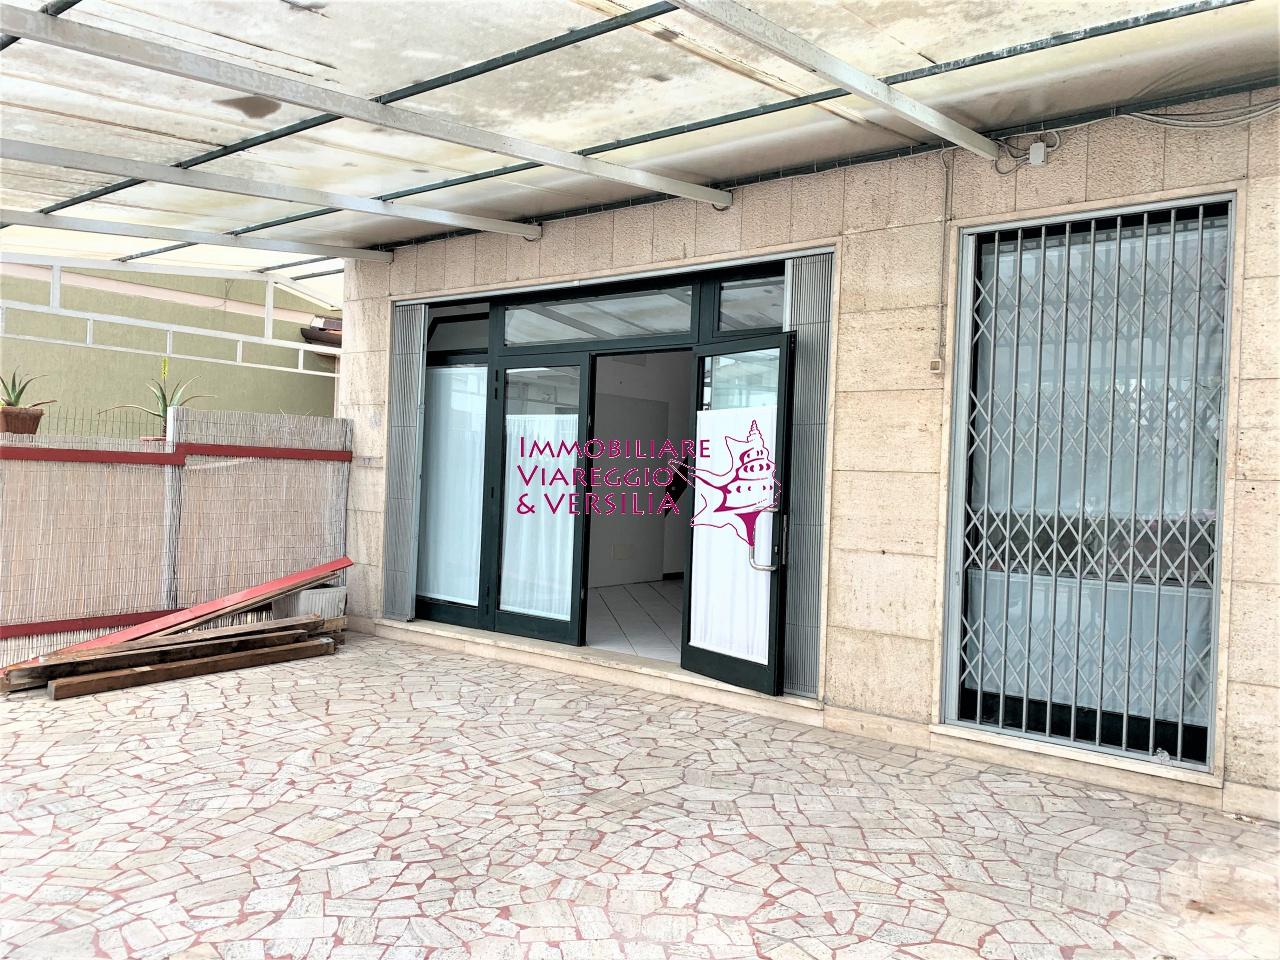 APPARTAMENTO INDIPENDENTE in VENDITA a VIAREGGIO - EX CAMPO D'AVIAZIONE